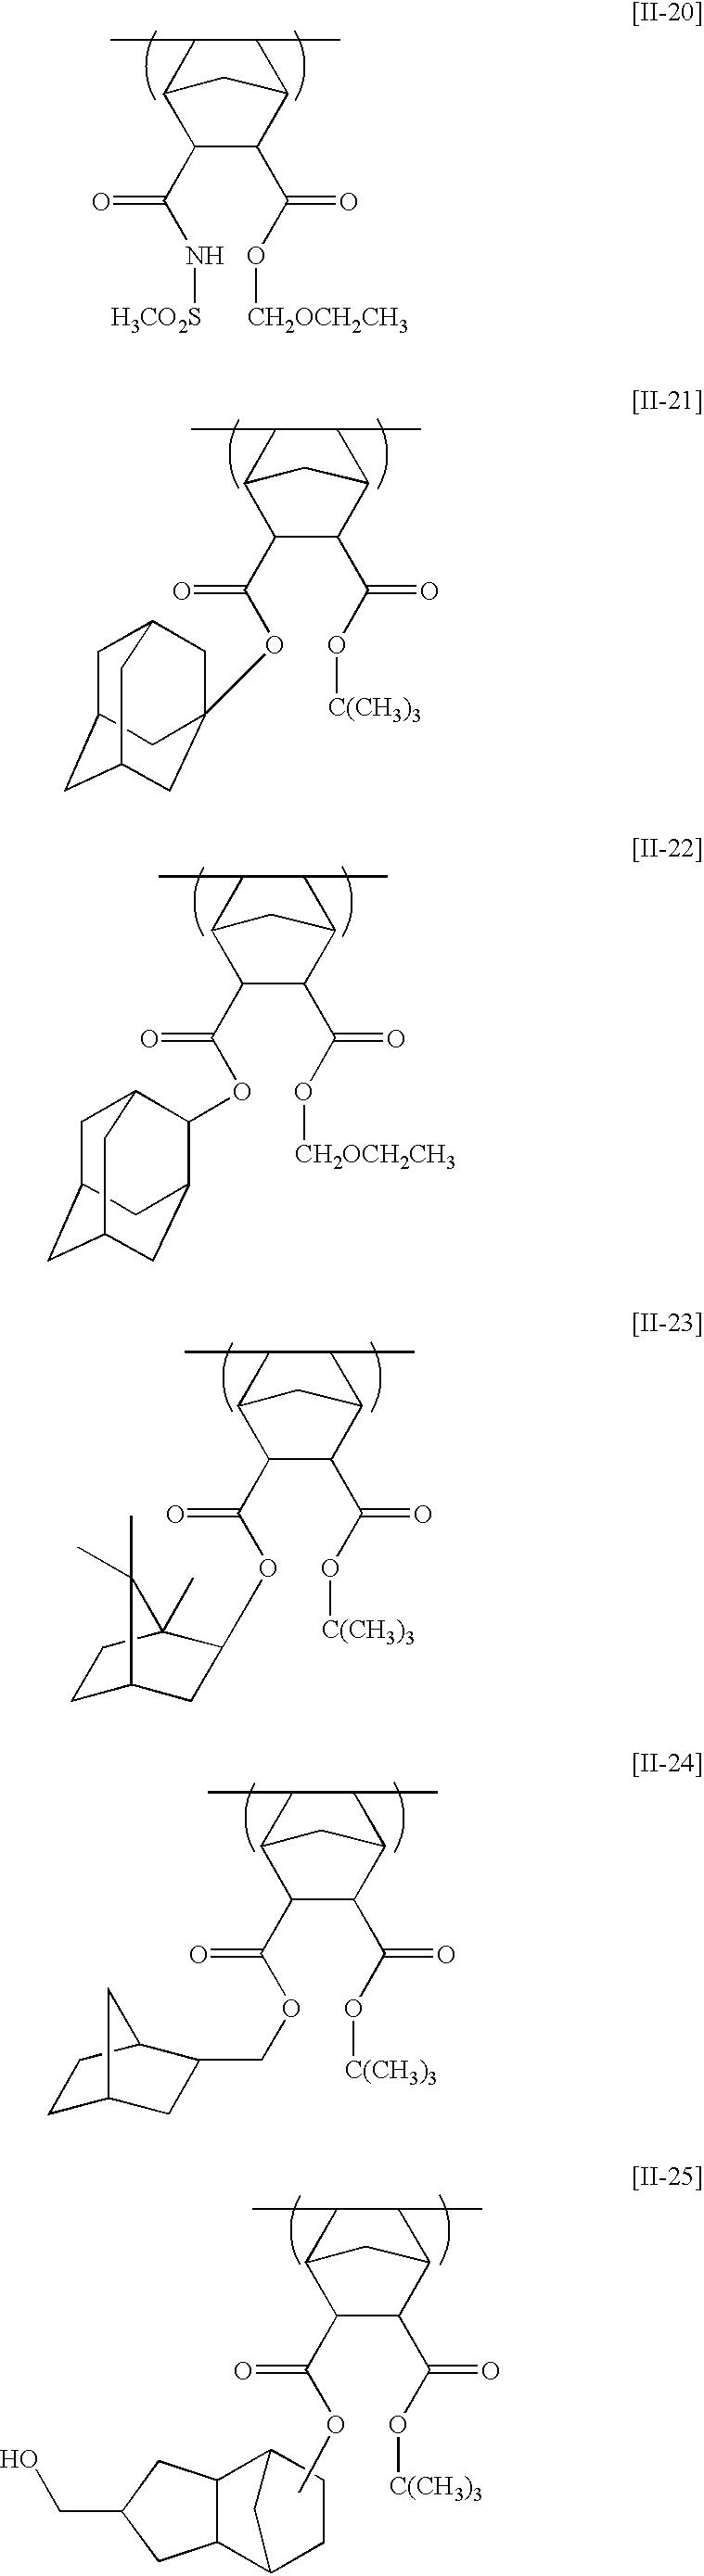 Figure US20030186161A1-20031002-C00061